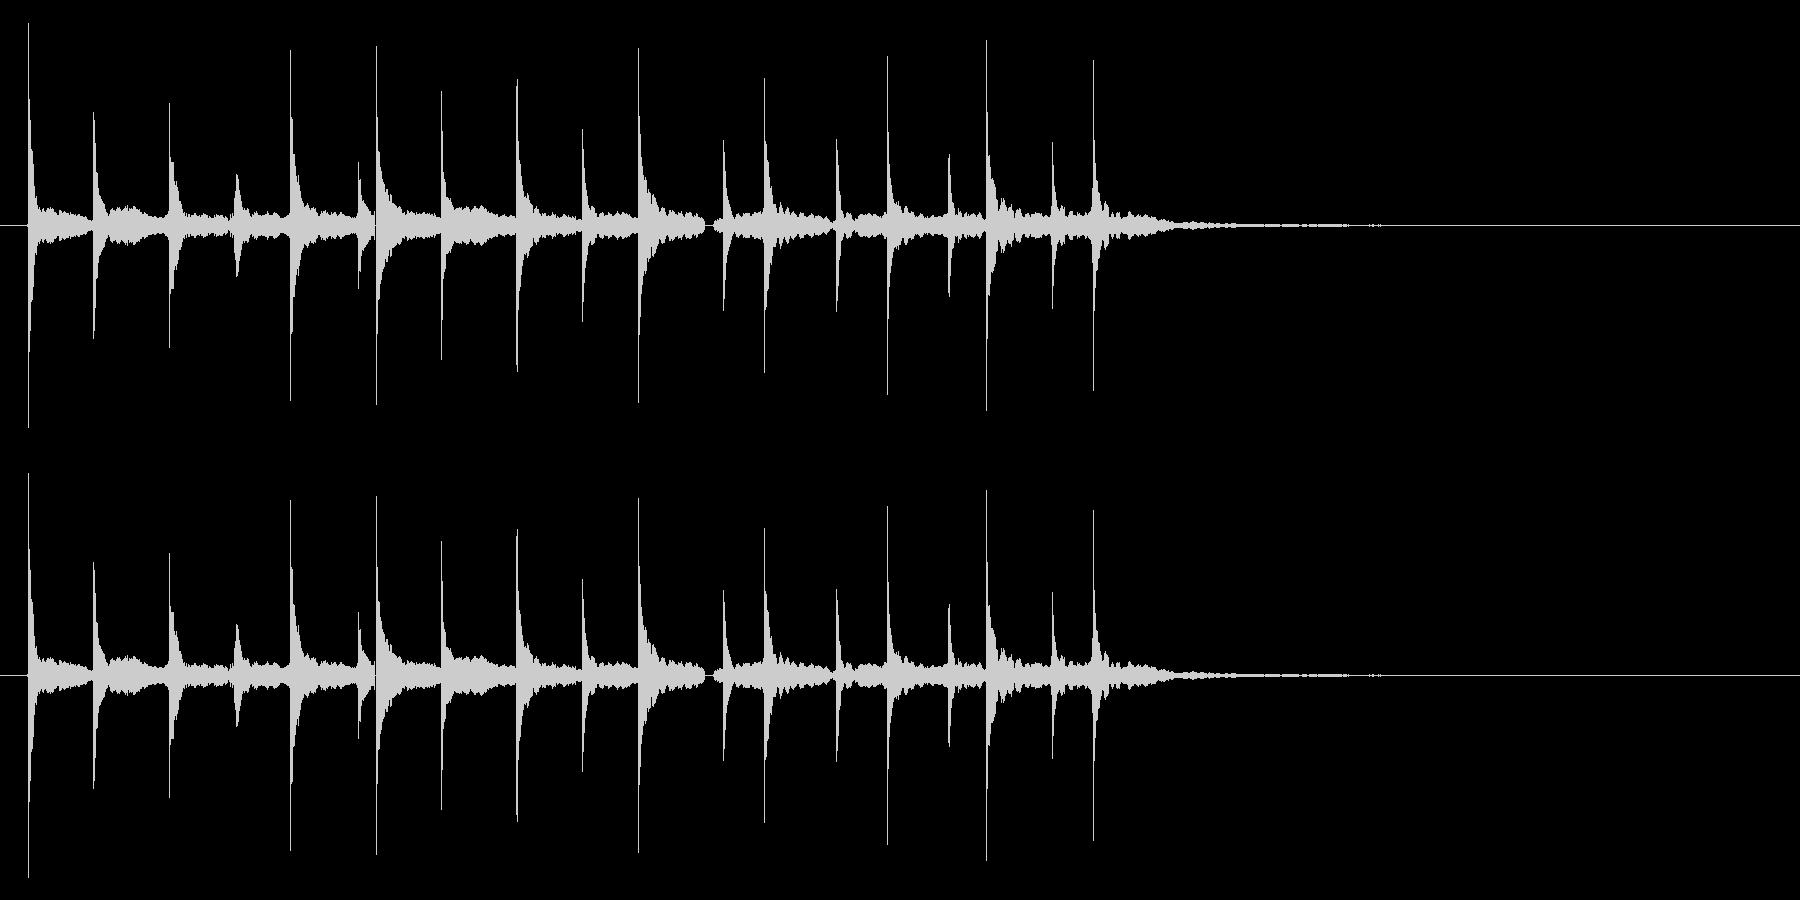 「テレテレテ(マリンバでコミカルな音)」の未再生の波形